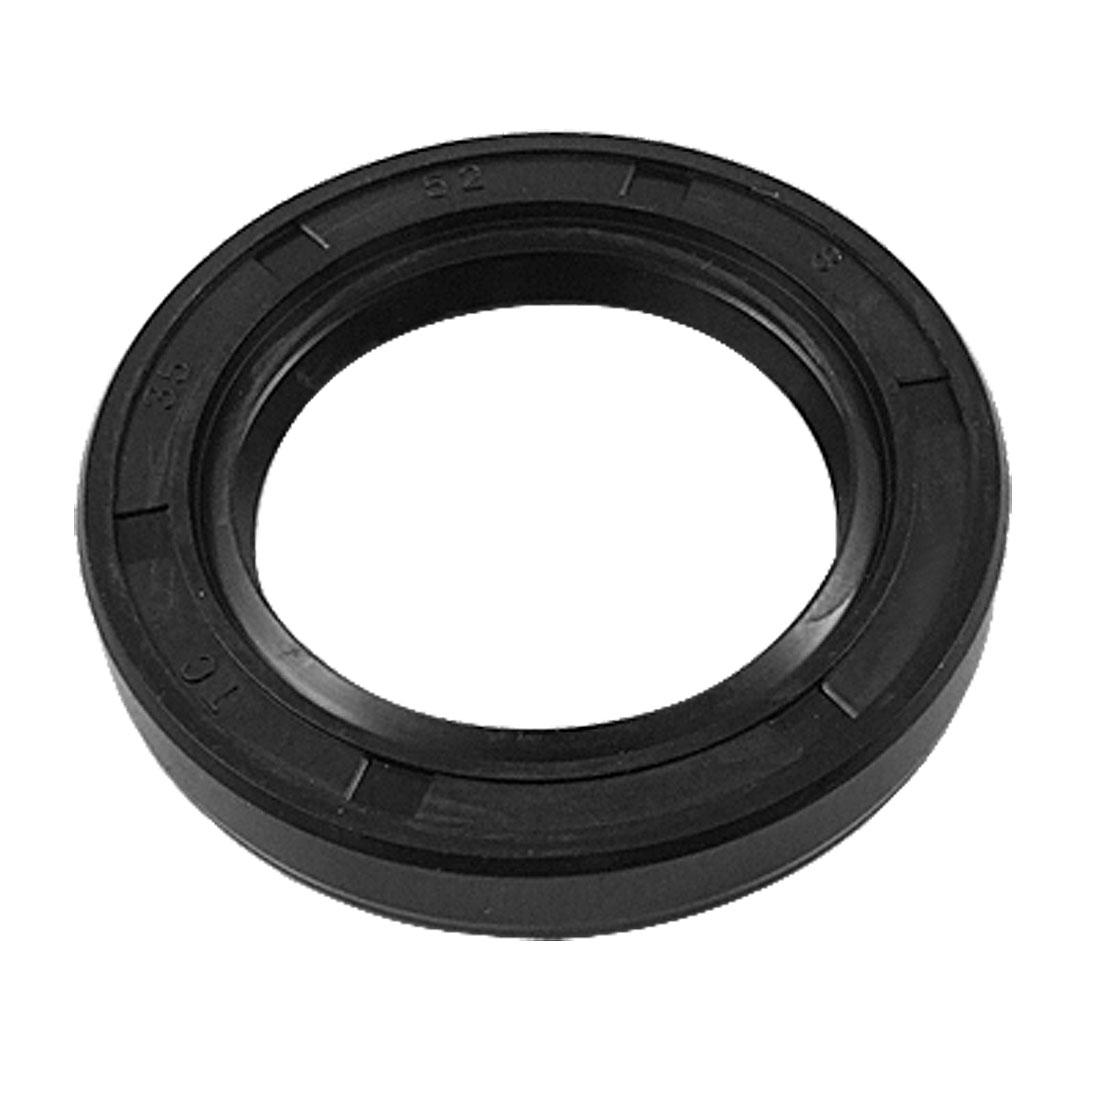 35x52x8mm 35 x 52 x 8mm TC Metric Double Lip Oil Shaft Seal